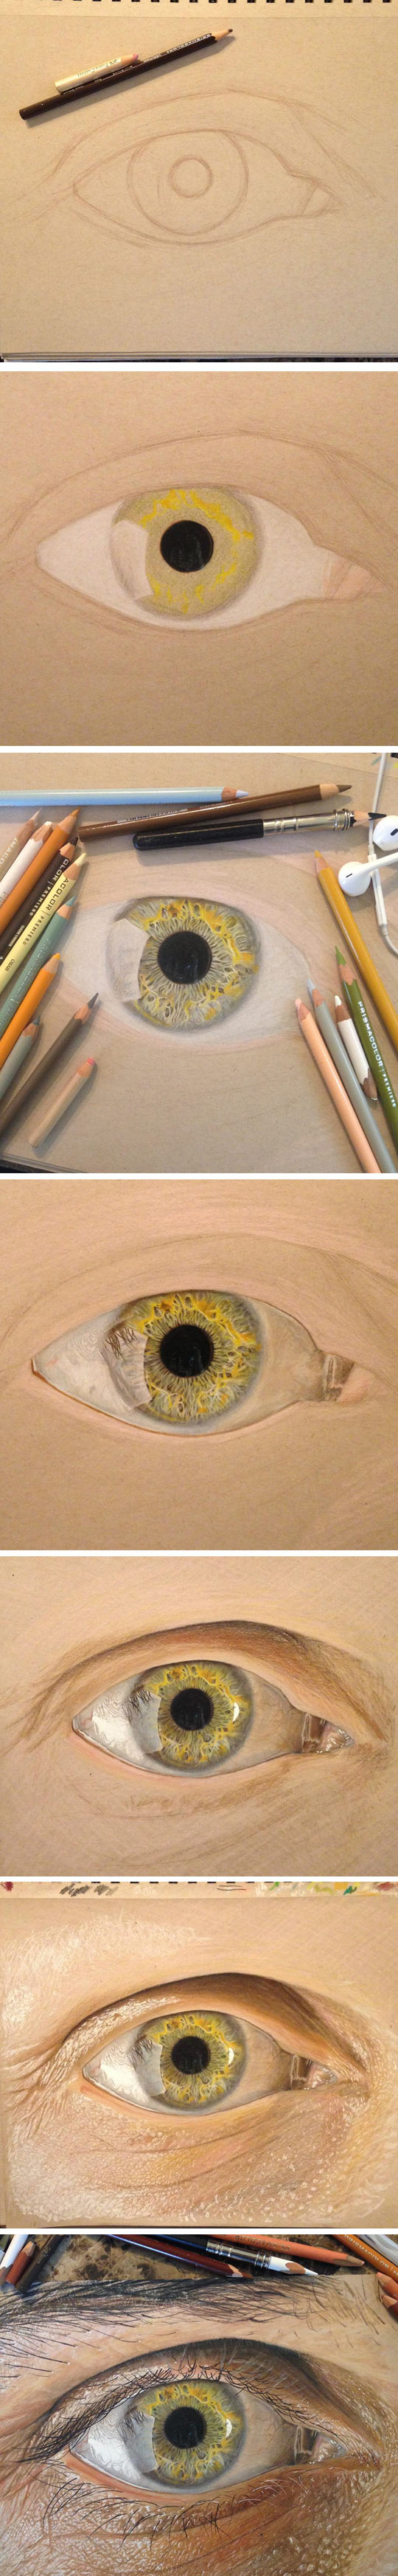 cool-eye-drawing-real-look-alike